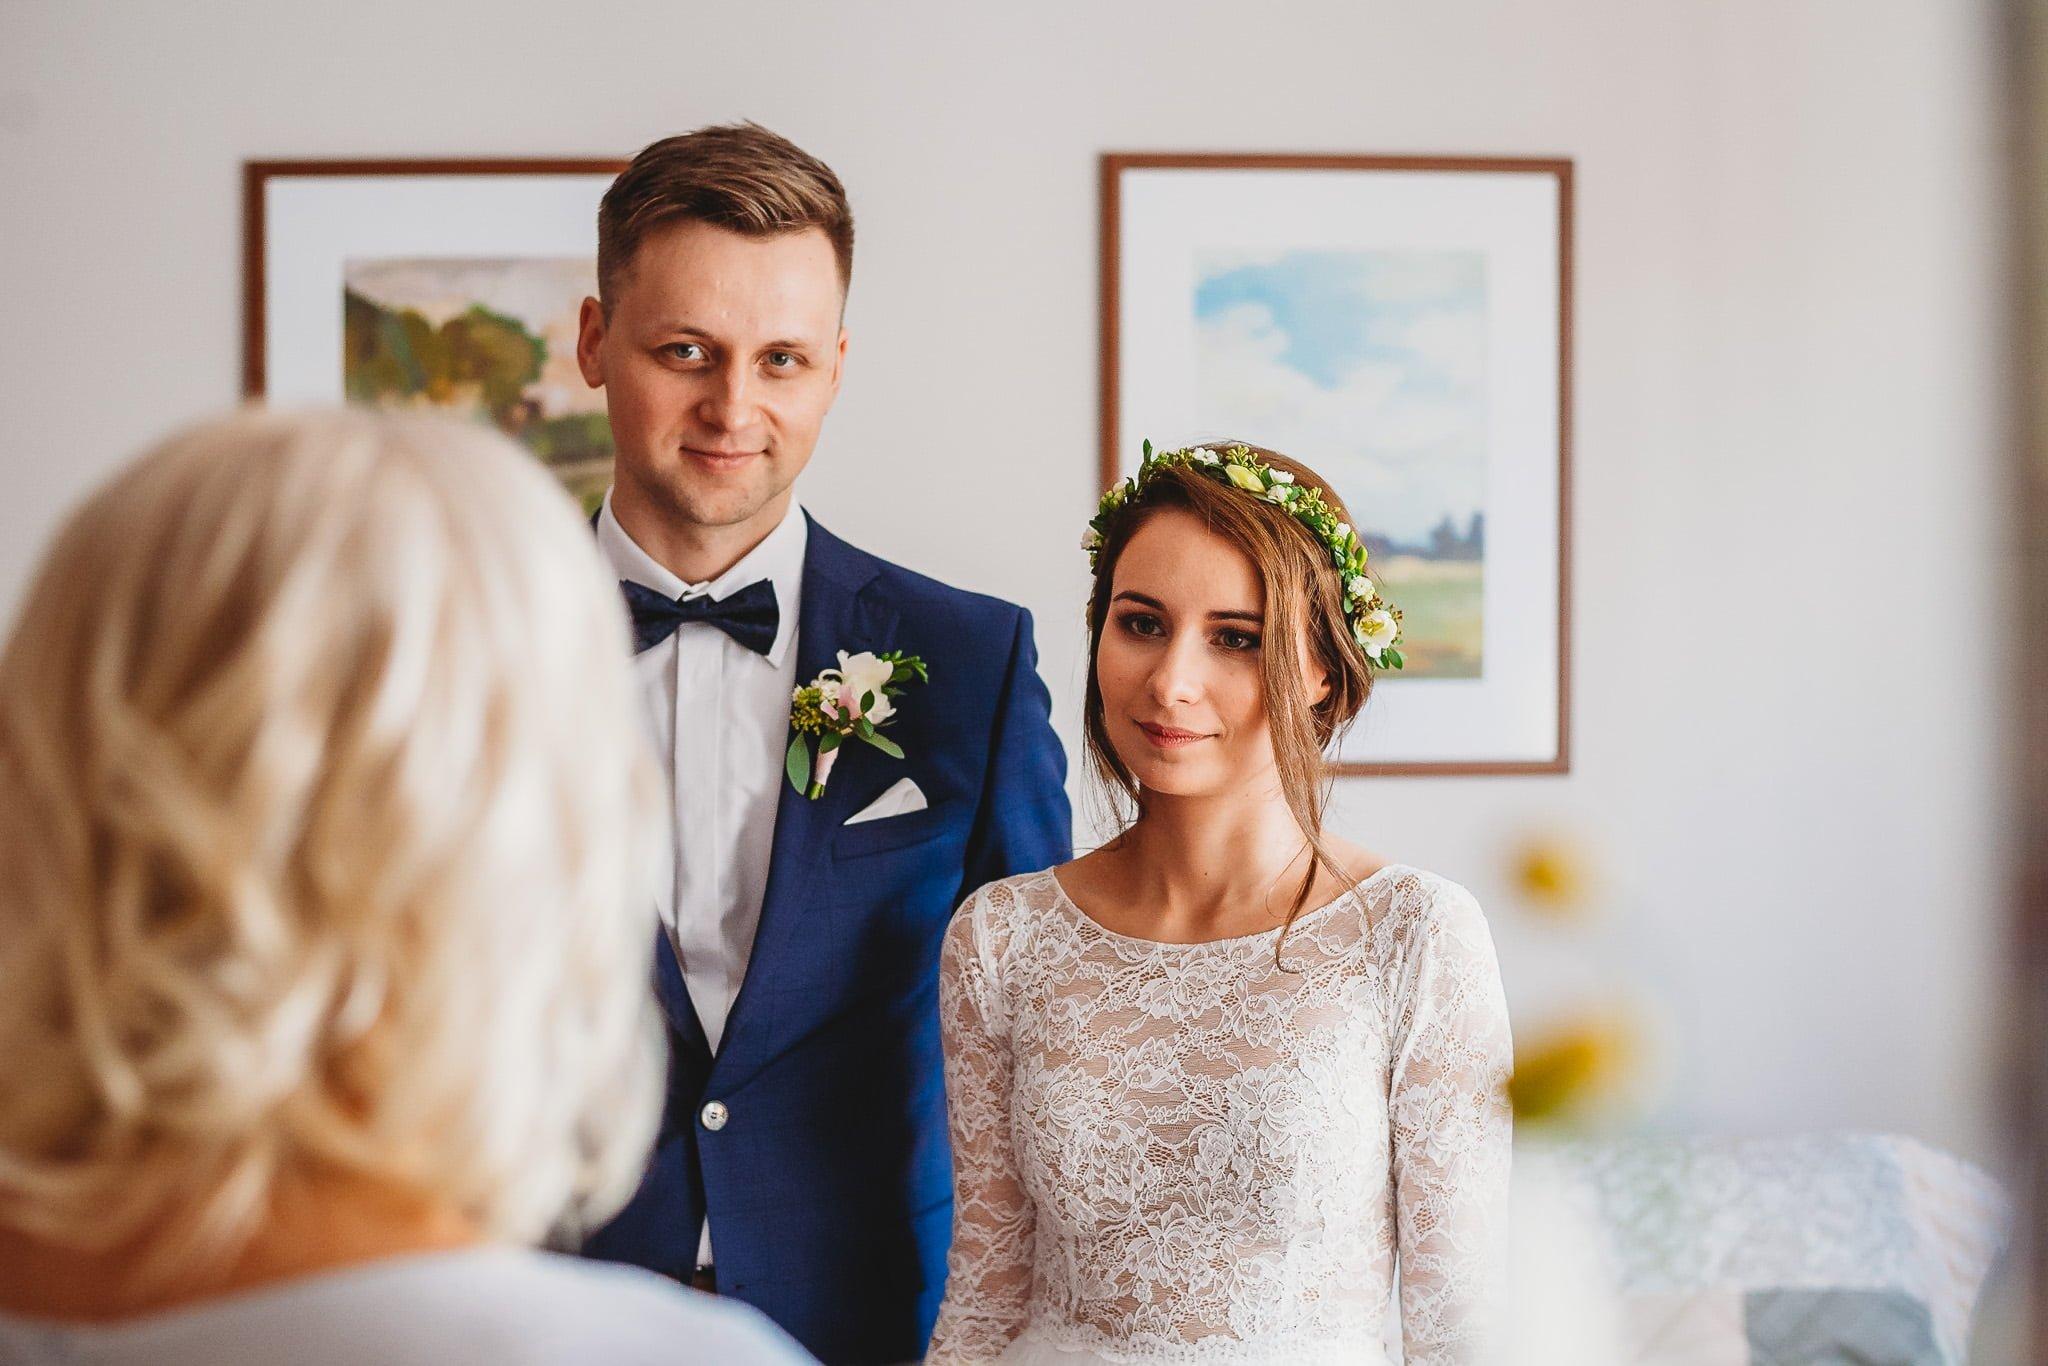 Fantastyczny ślub w stylu rustykalnym, wesele w Kapitańskiej  fotograf ślubny Konin 51